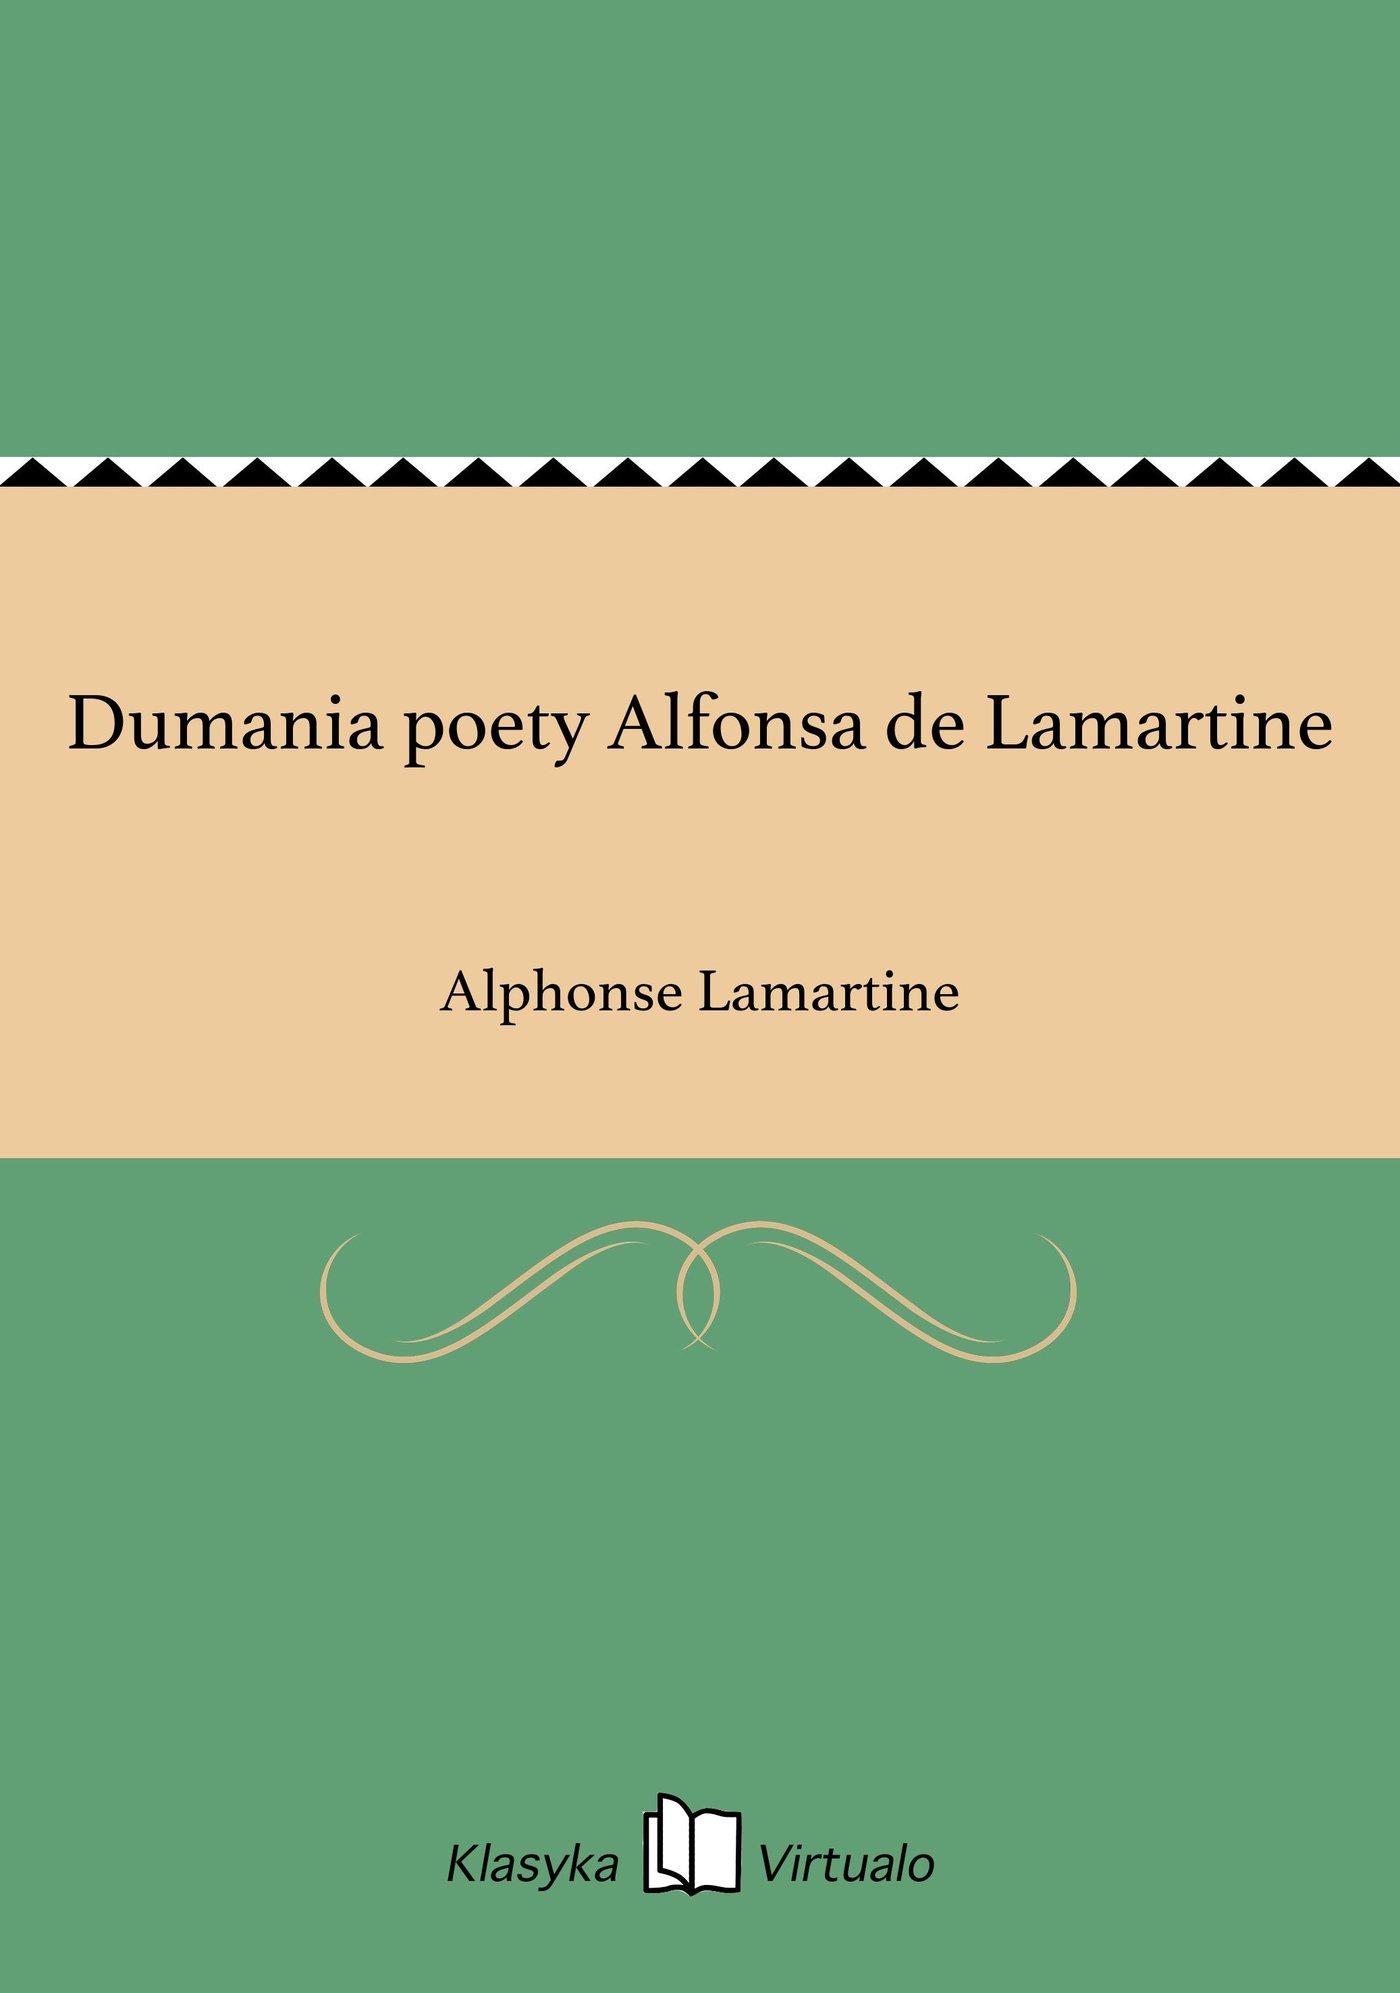 Dumania poety Alfonsa de Lamartine - Ebook (Książka EPUB) do pobrania w formacie EPUB